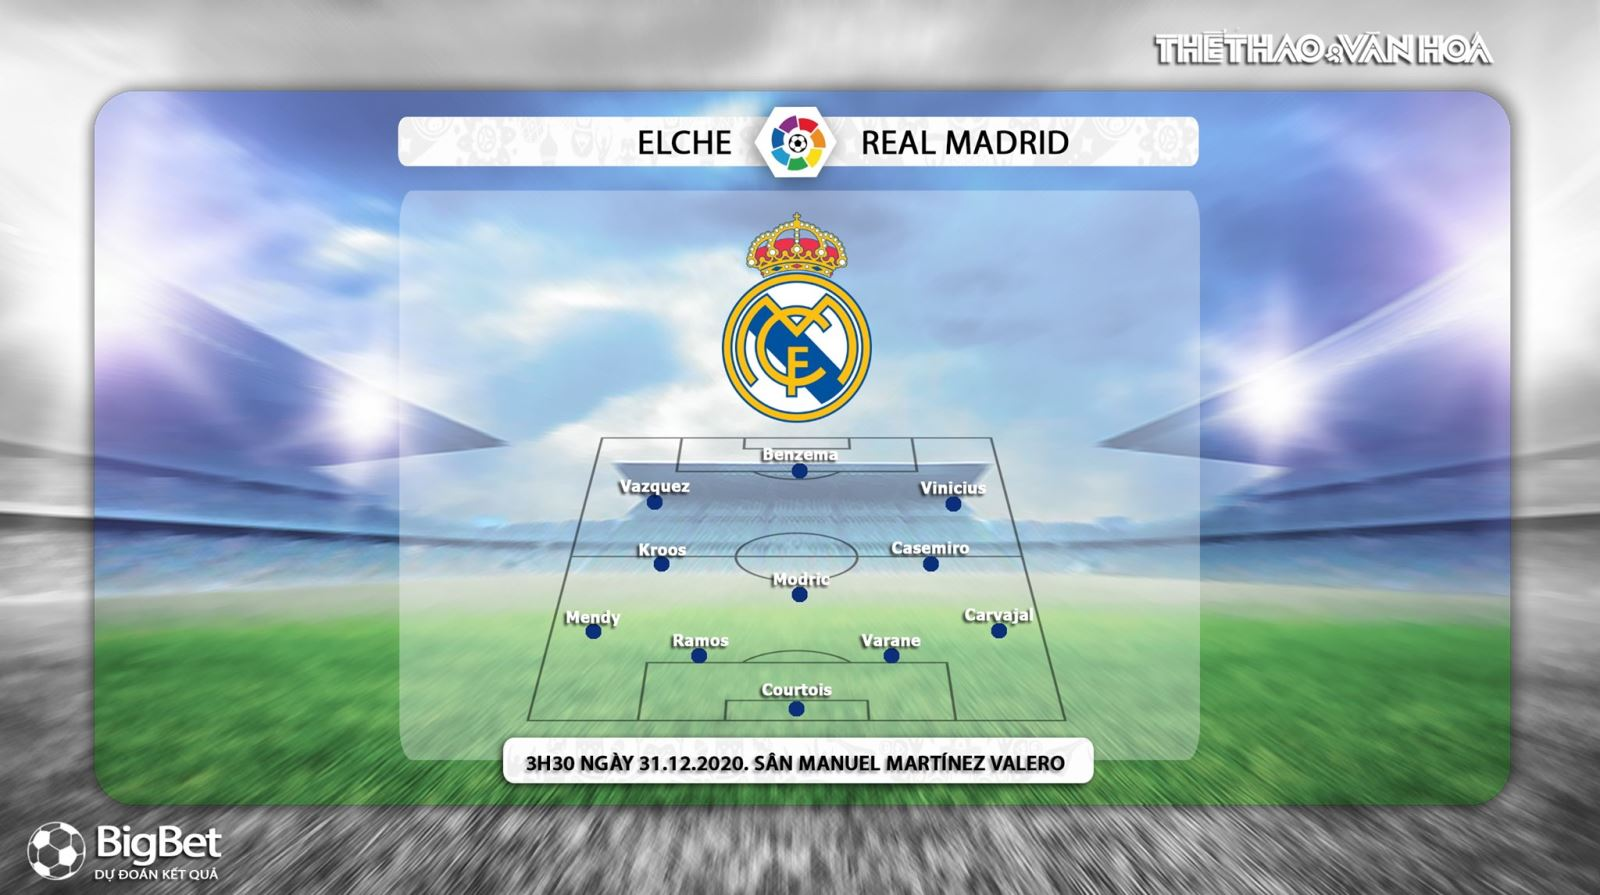 Keo nha cai, Kèo nhà cái, Elche vs Real Madrid, Trực tiếp bóng đá TBN hôm nay, BĐTV, soi kèo bóng đá Elche đấu với Real Madrid, trực tiếp bóng đá La Liga